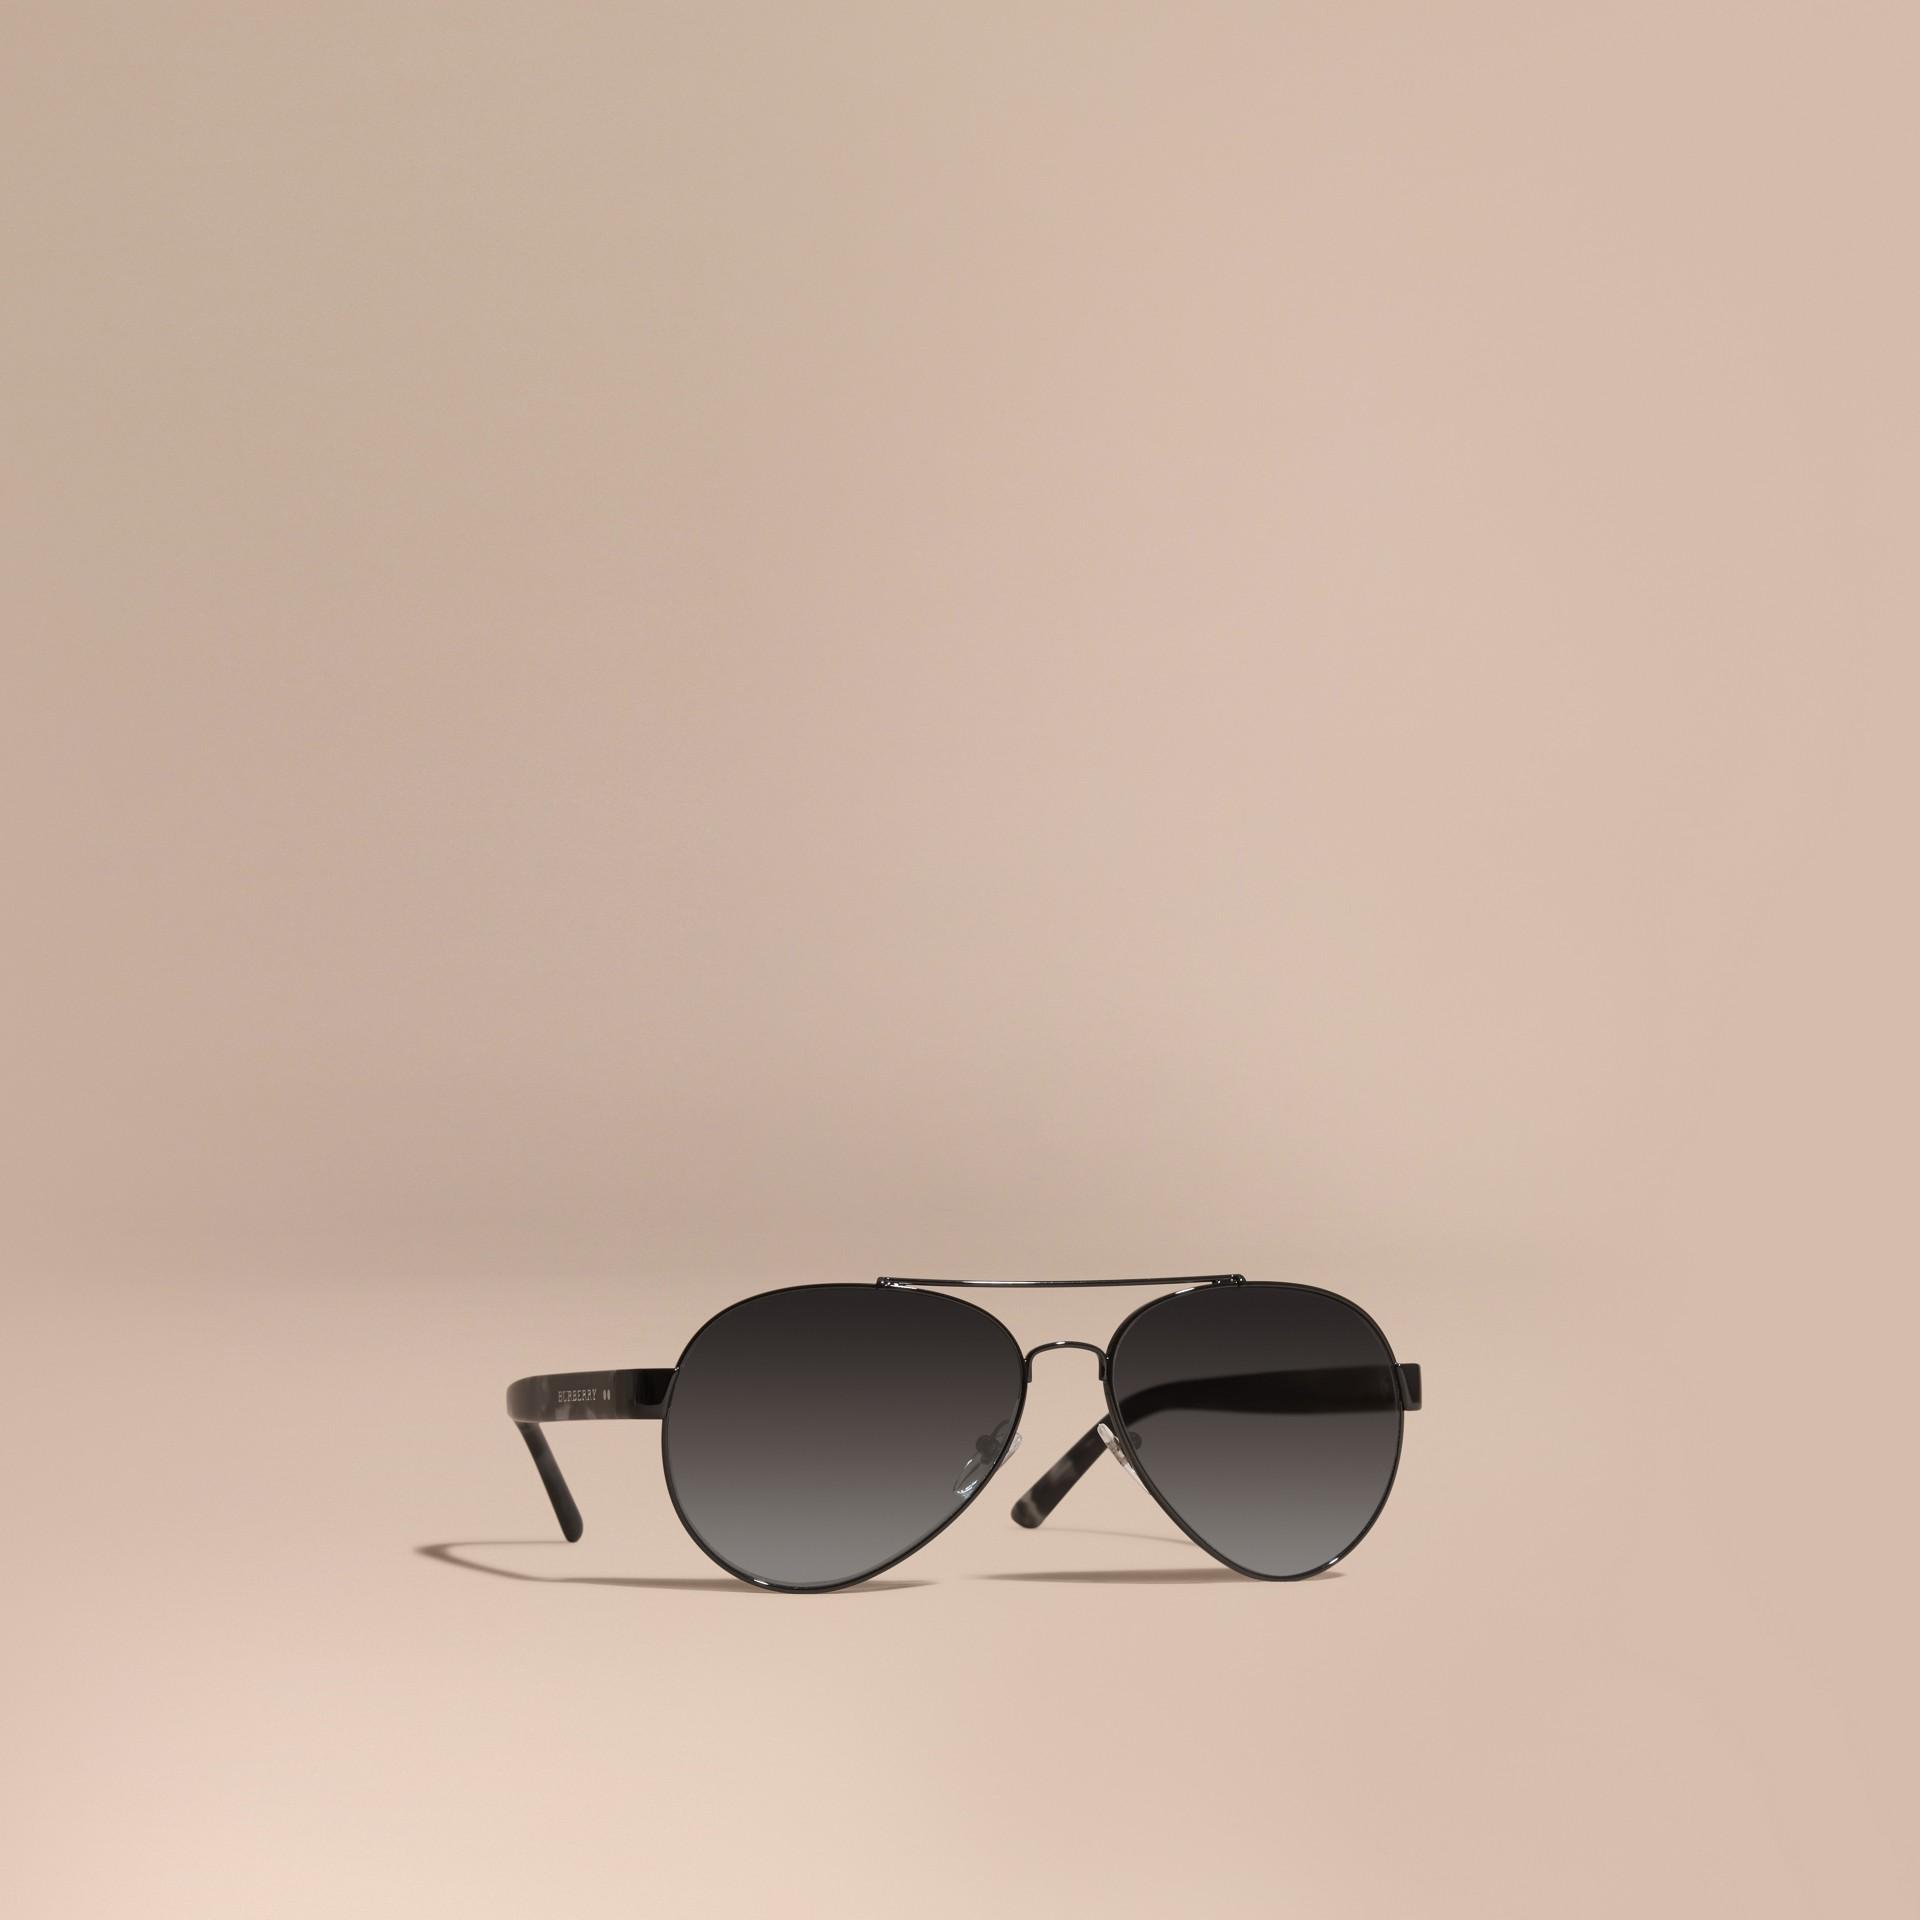 320f23e1116f Солнцезащитные очки-авиаторы (Черный) - Для мужчин   Burberry - изображение  0